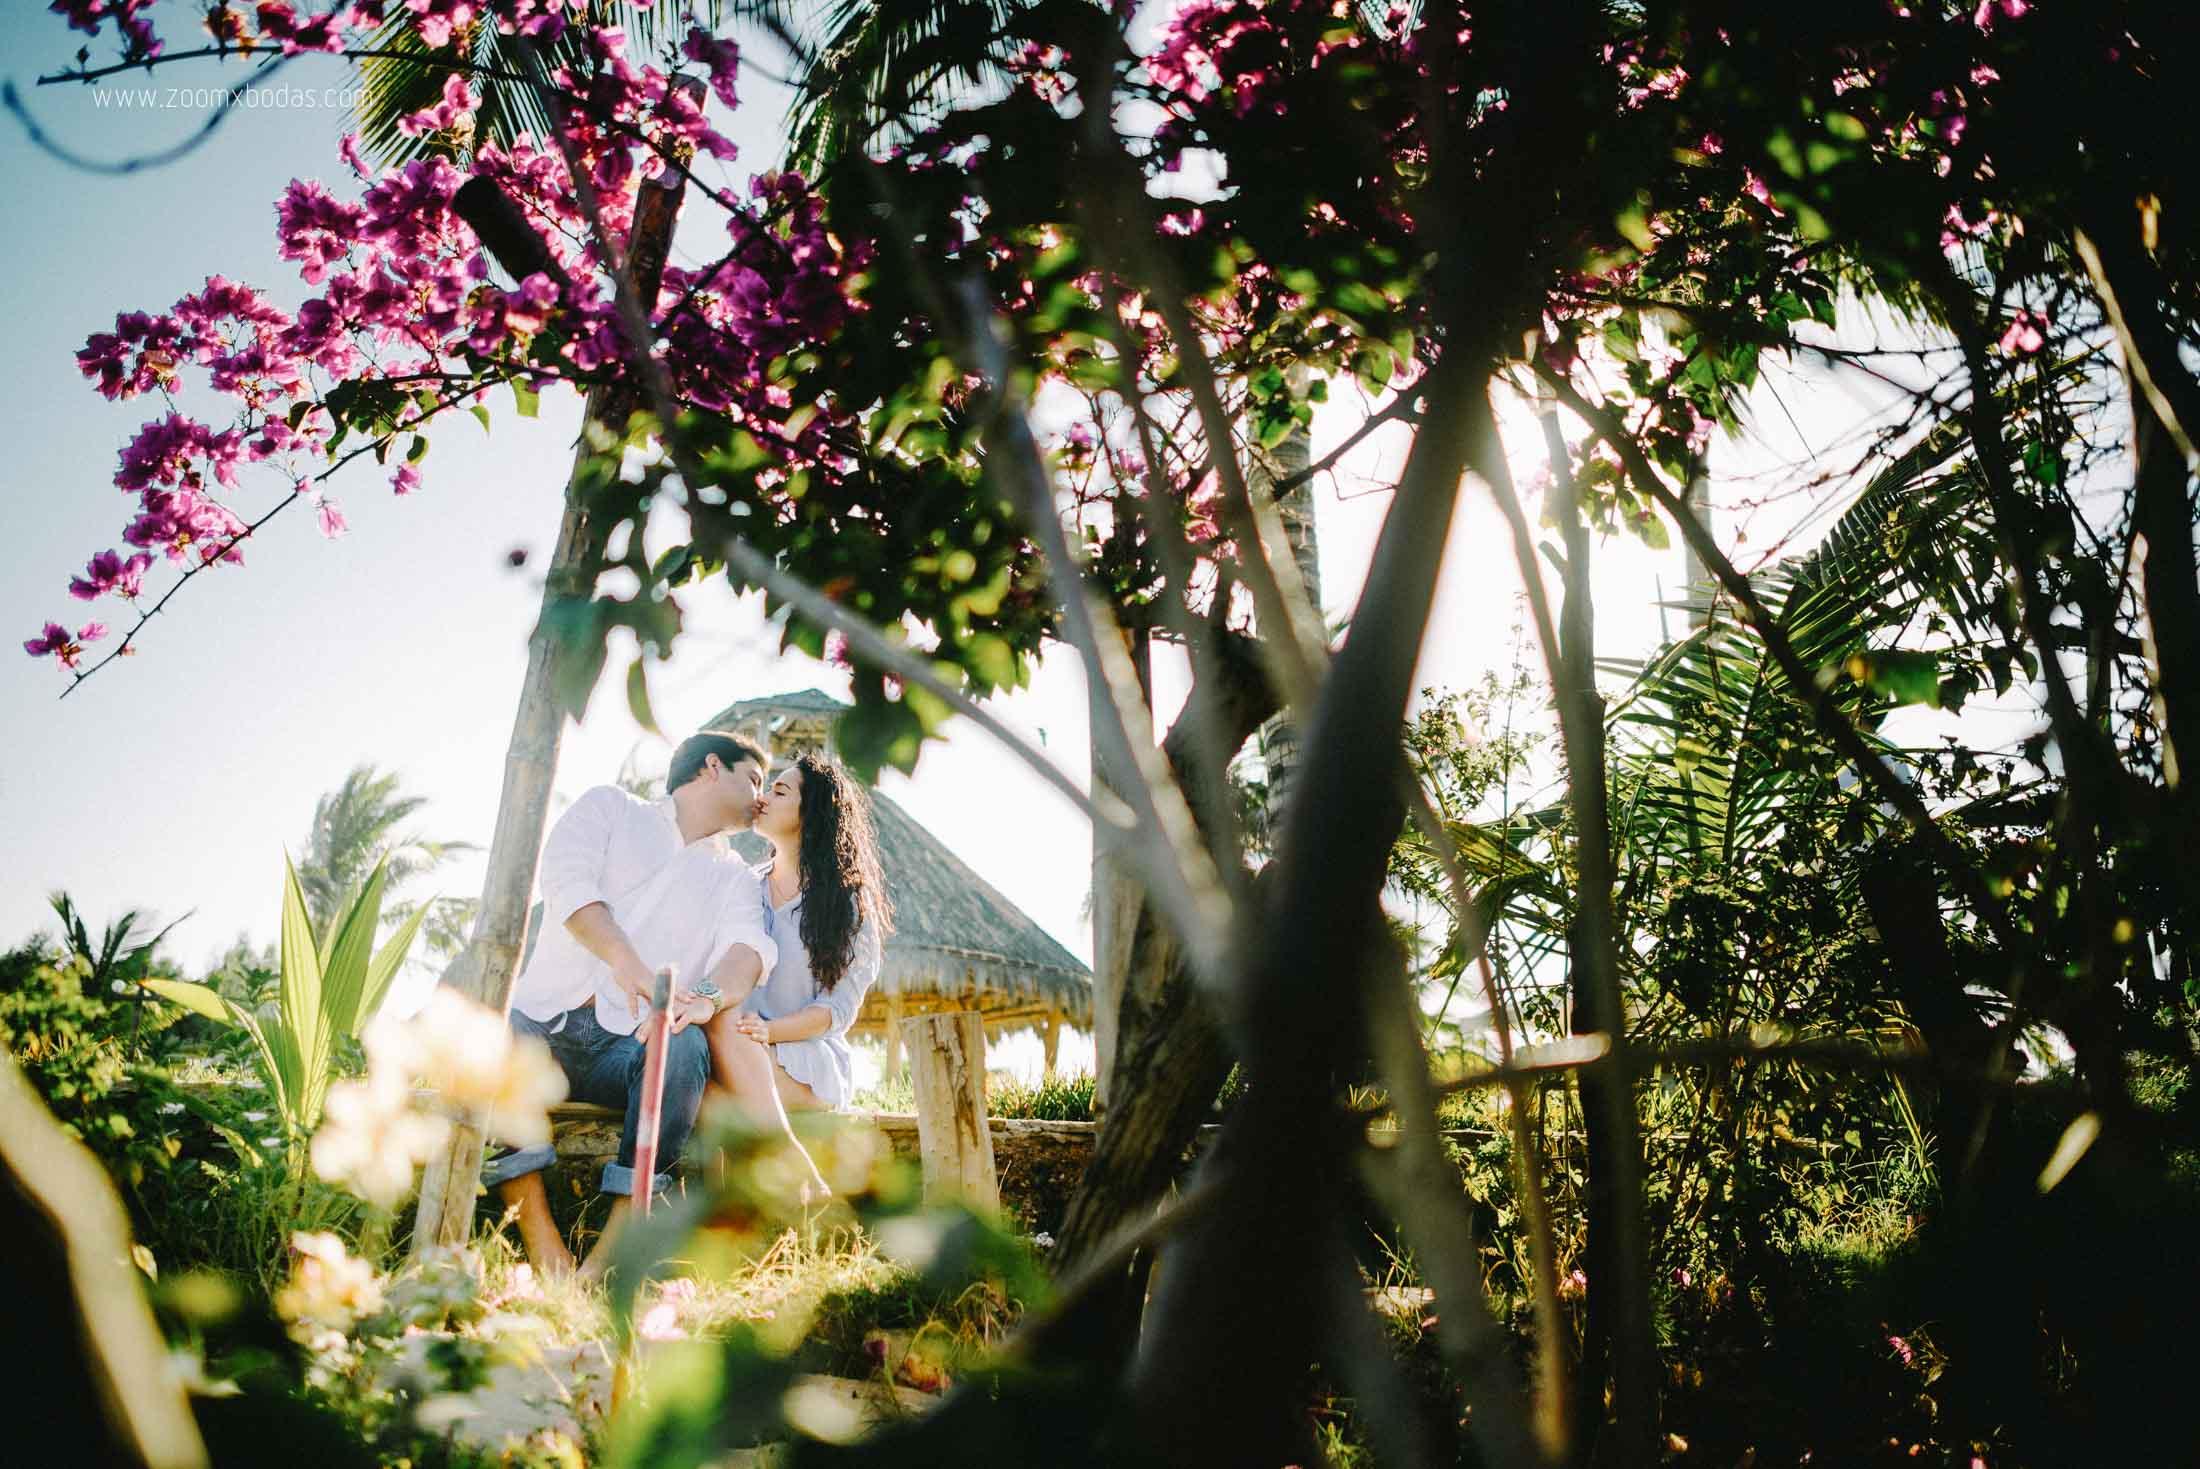 preboda rosella y carlos cornejo en colan paita, preboda en colan, preboda en playa, preboda en playa piura, preboda en mancora, preboda en punta sal, fotografia de boda en piura, fotografia en piura, fotografia en playa, fotografia de dia, fotografo de boda en peru, zoomx films, zoomx studio, erick ruiz